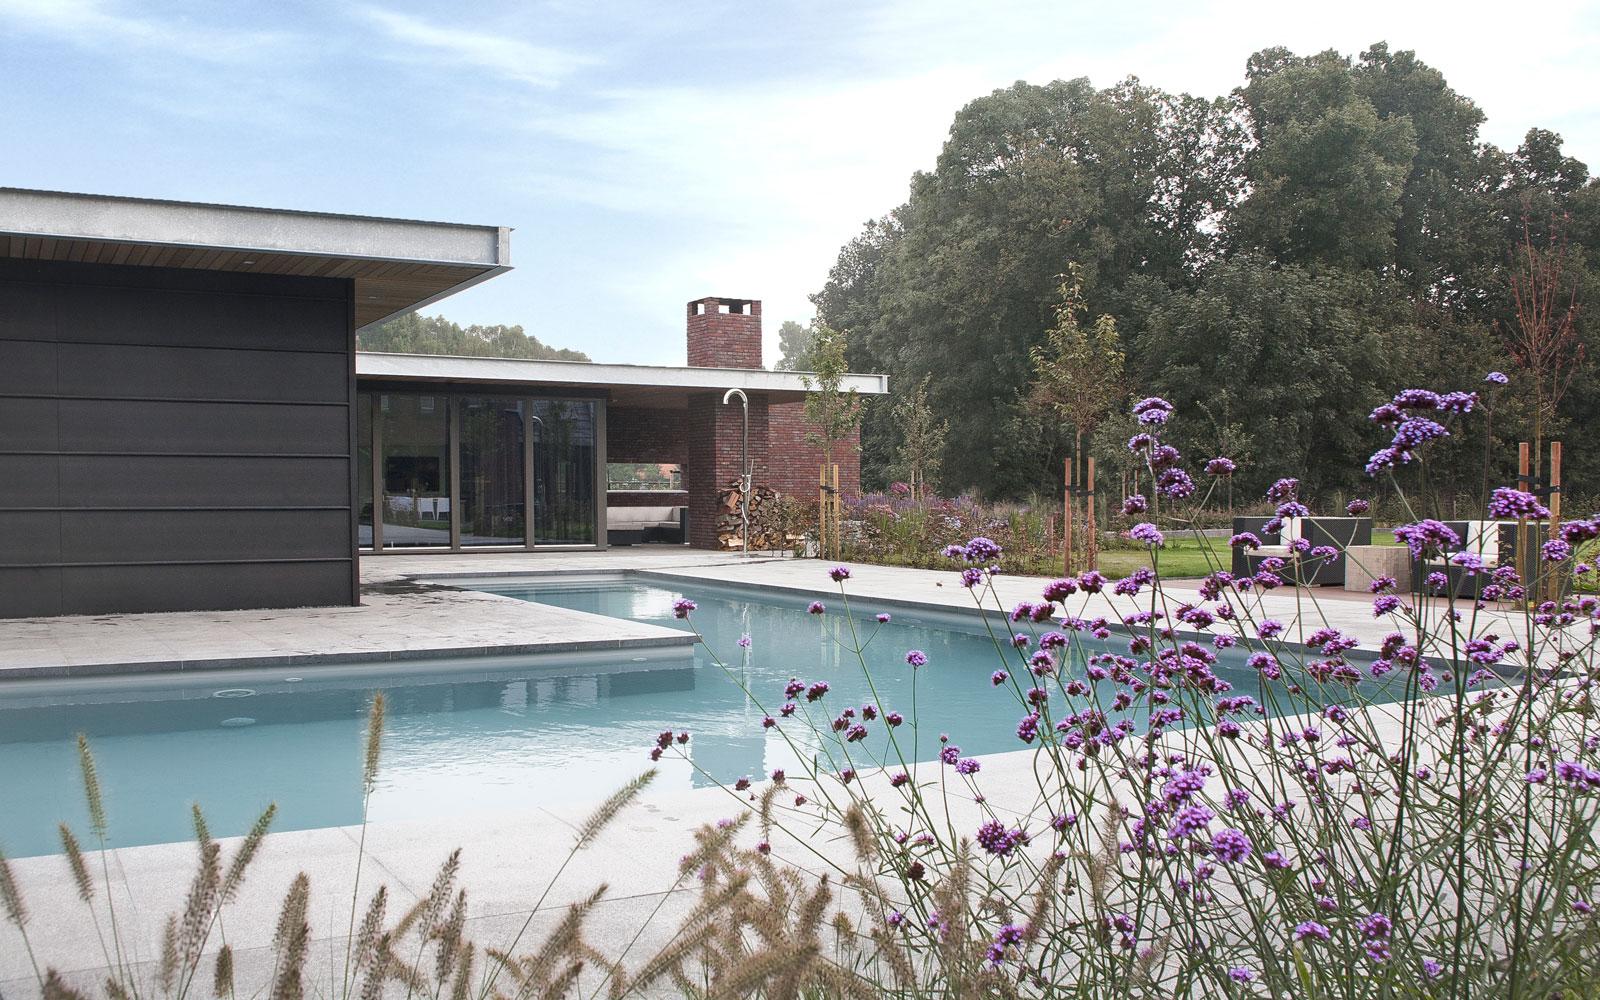 Zwembad, L-vorm, energiezuinig, Van Gemert, lamellendak, droomvilla, Marco Daverveld